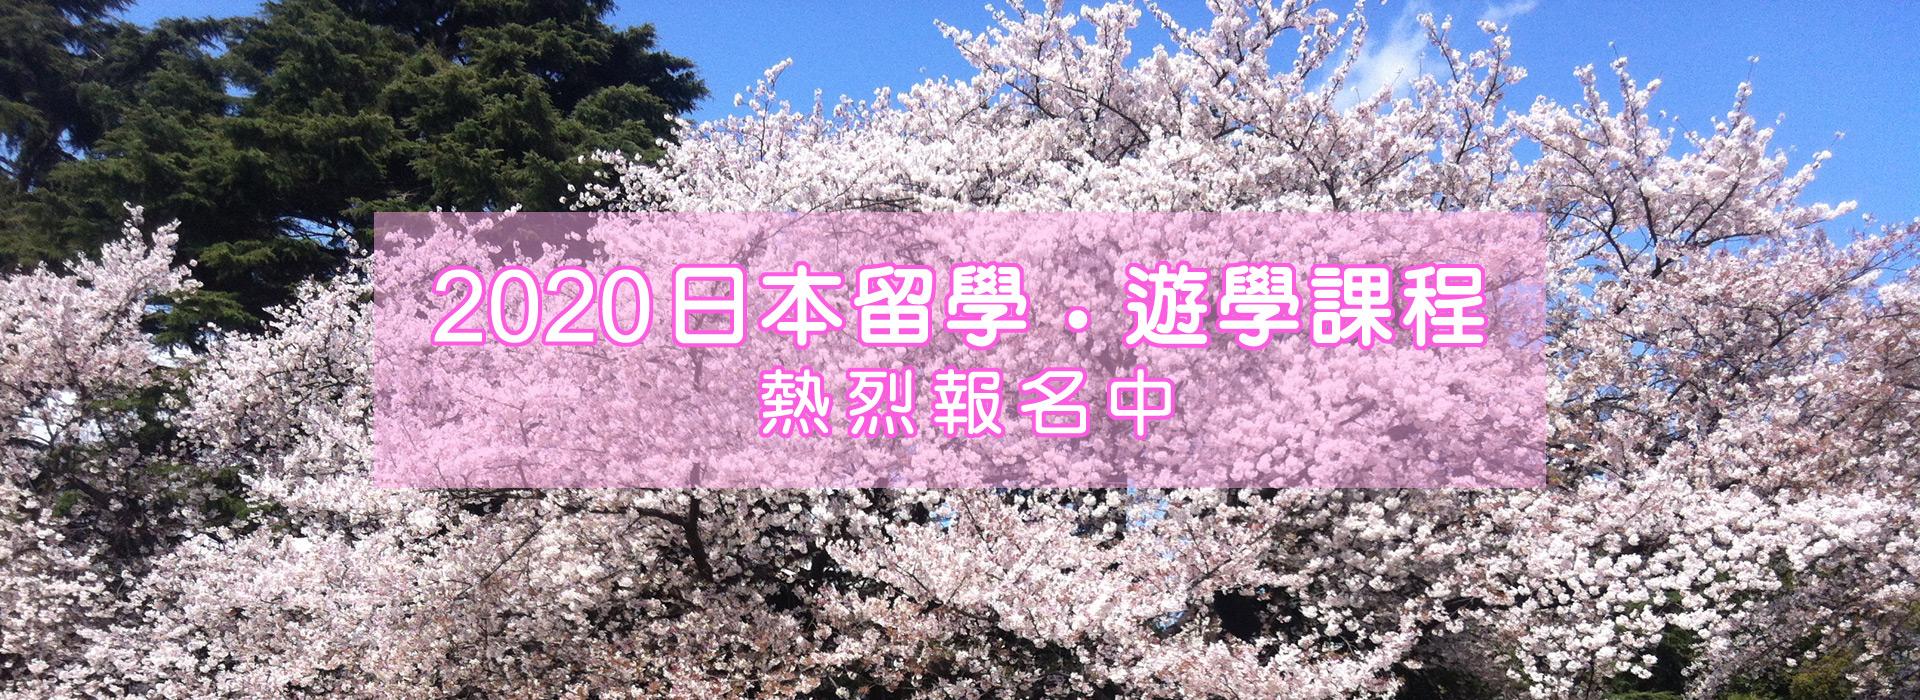 2020日本留學・遊學課程 - 熱烈報名中